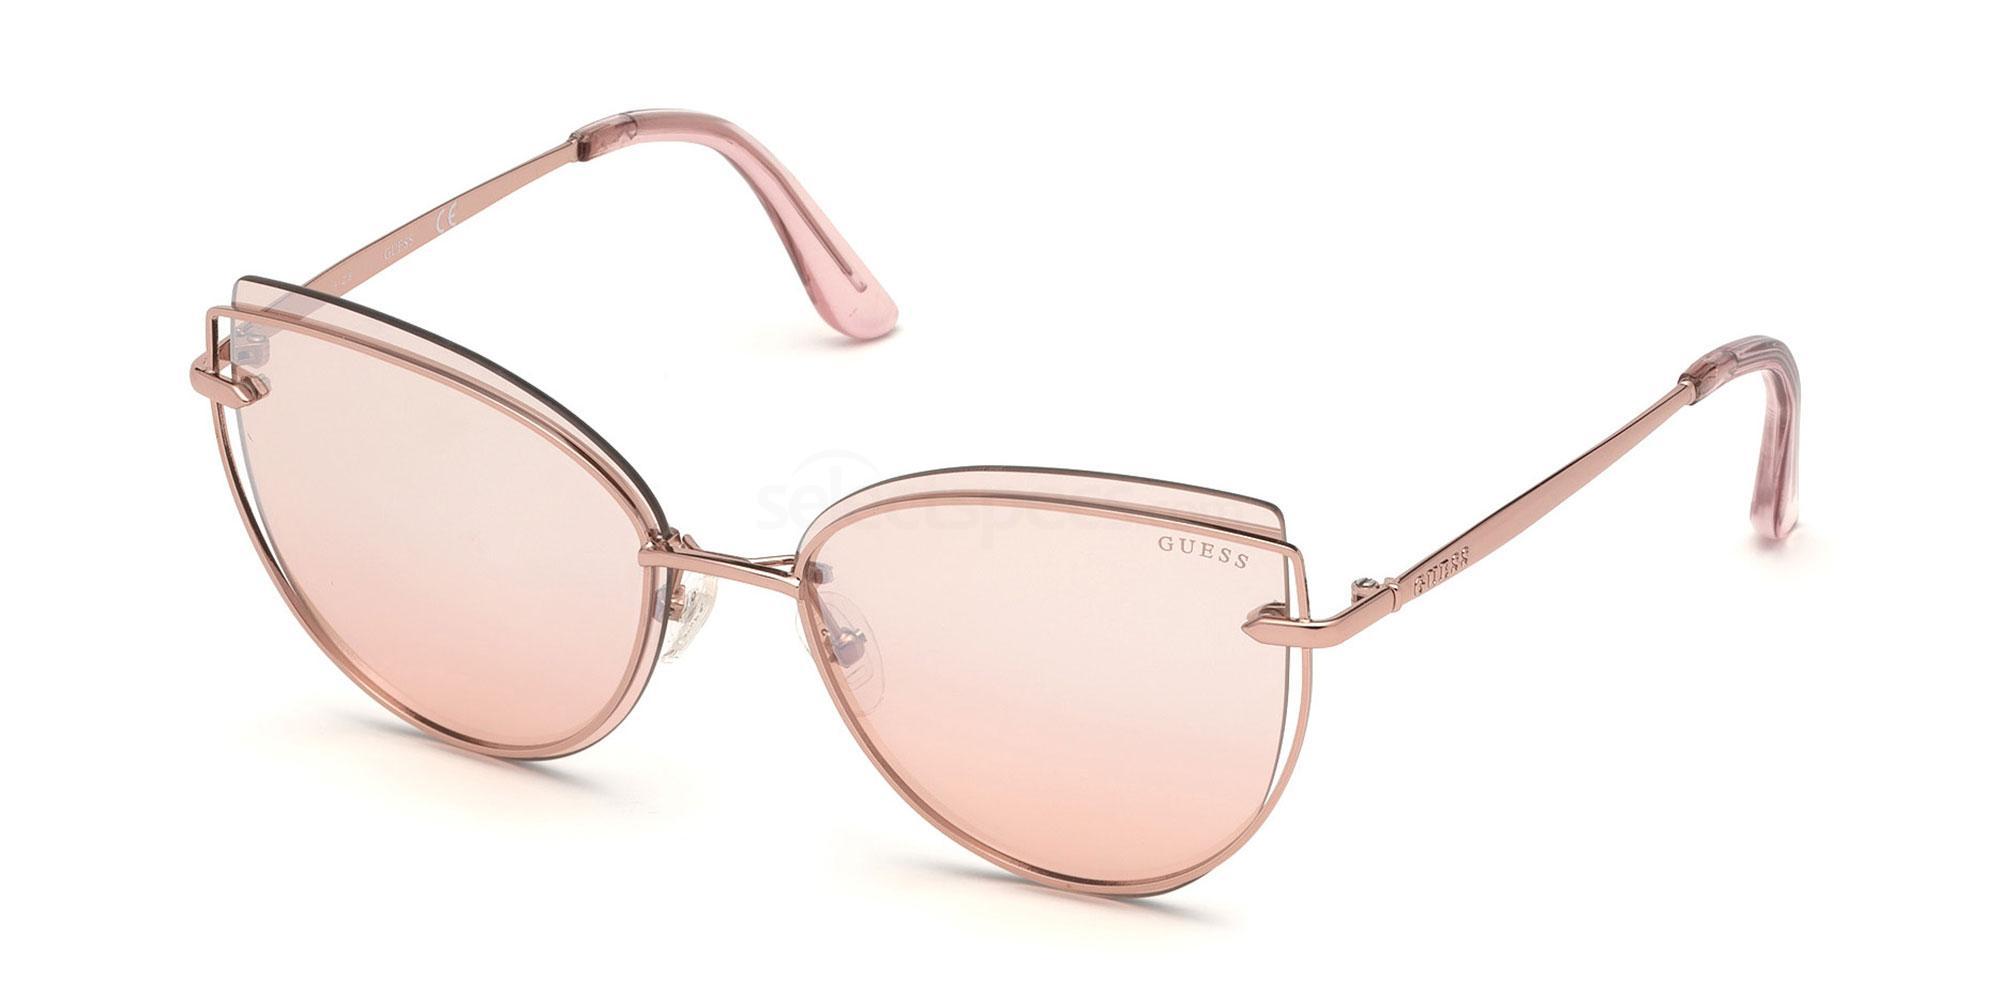 28U GU7617 Sunglasses, Guess